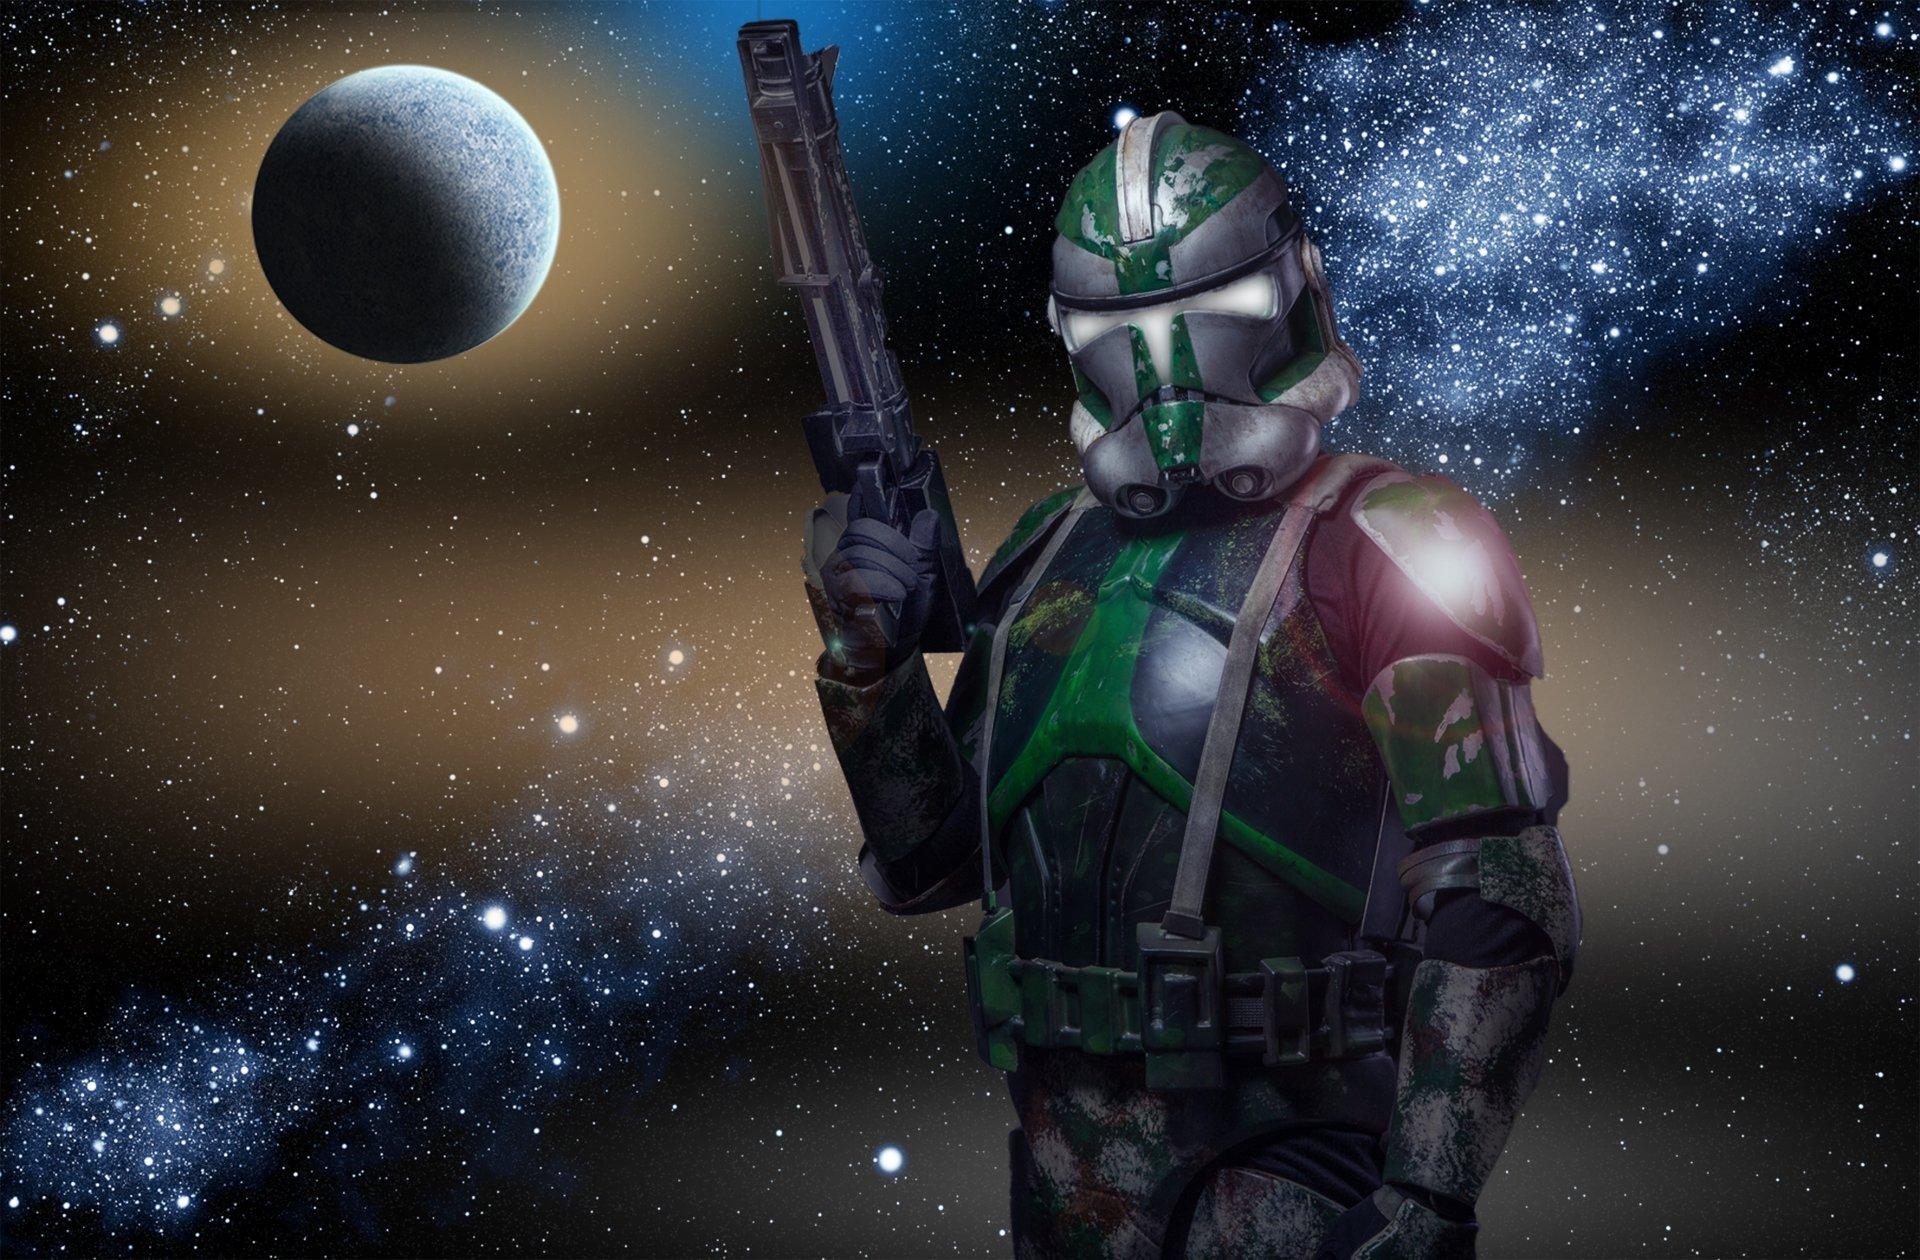 Sci Fi Clone : Colored clone trooper full hd wallpaper and background